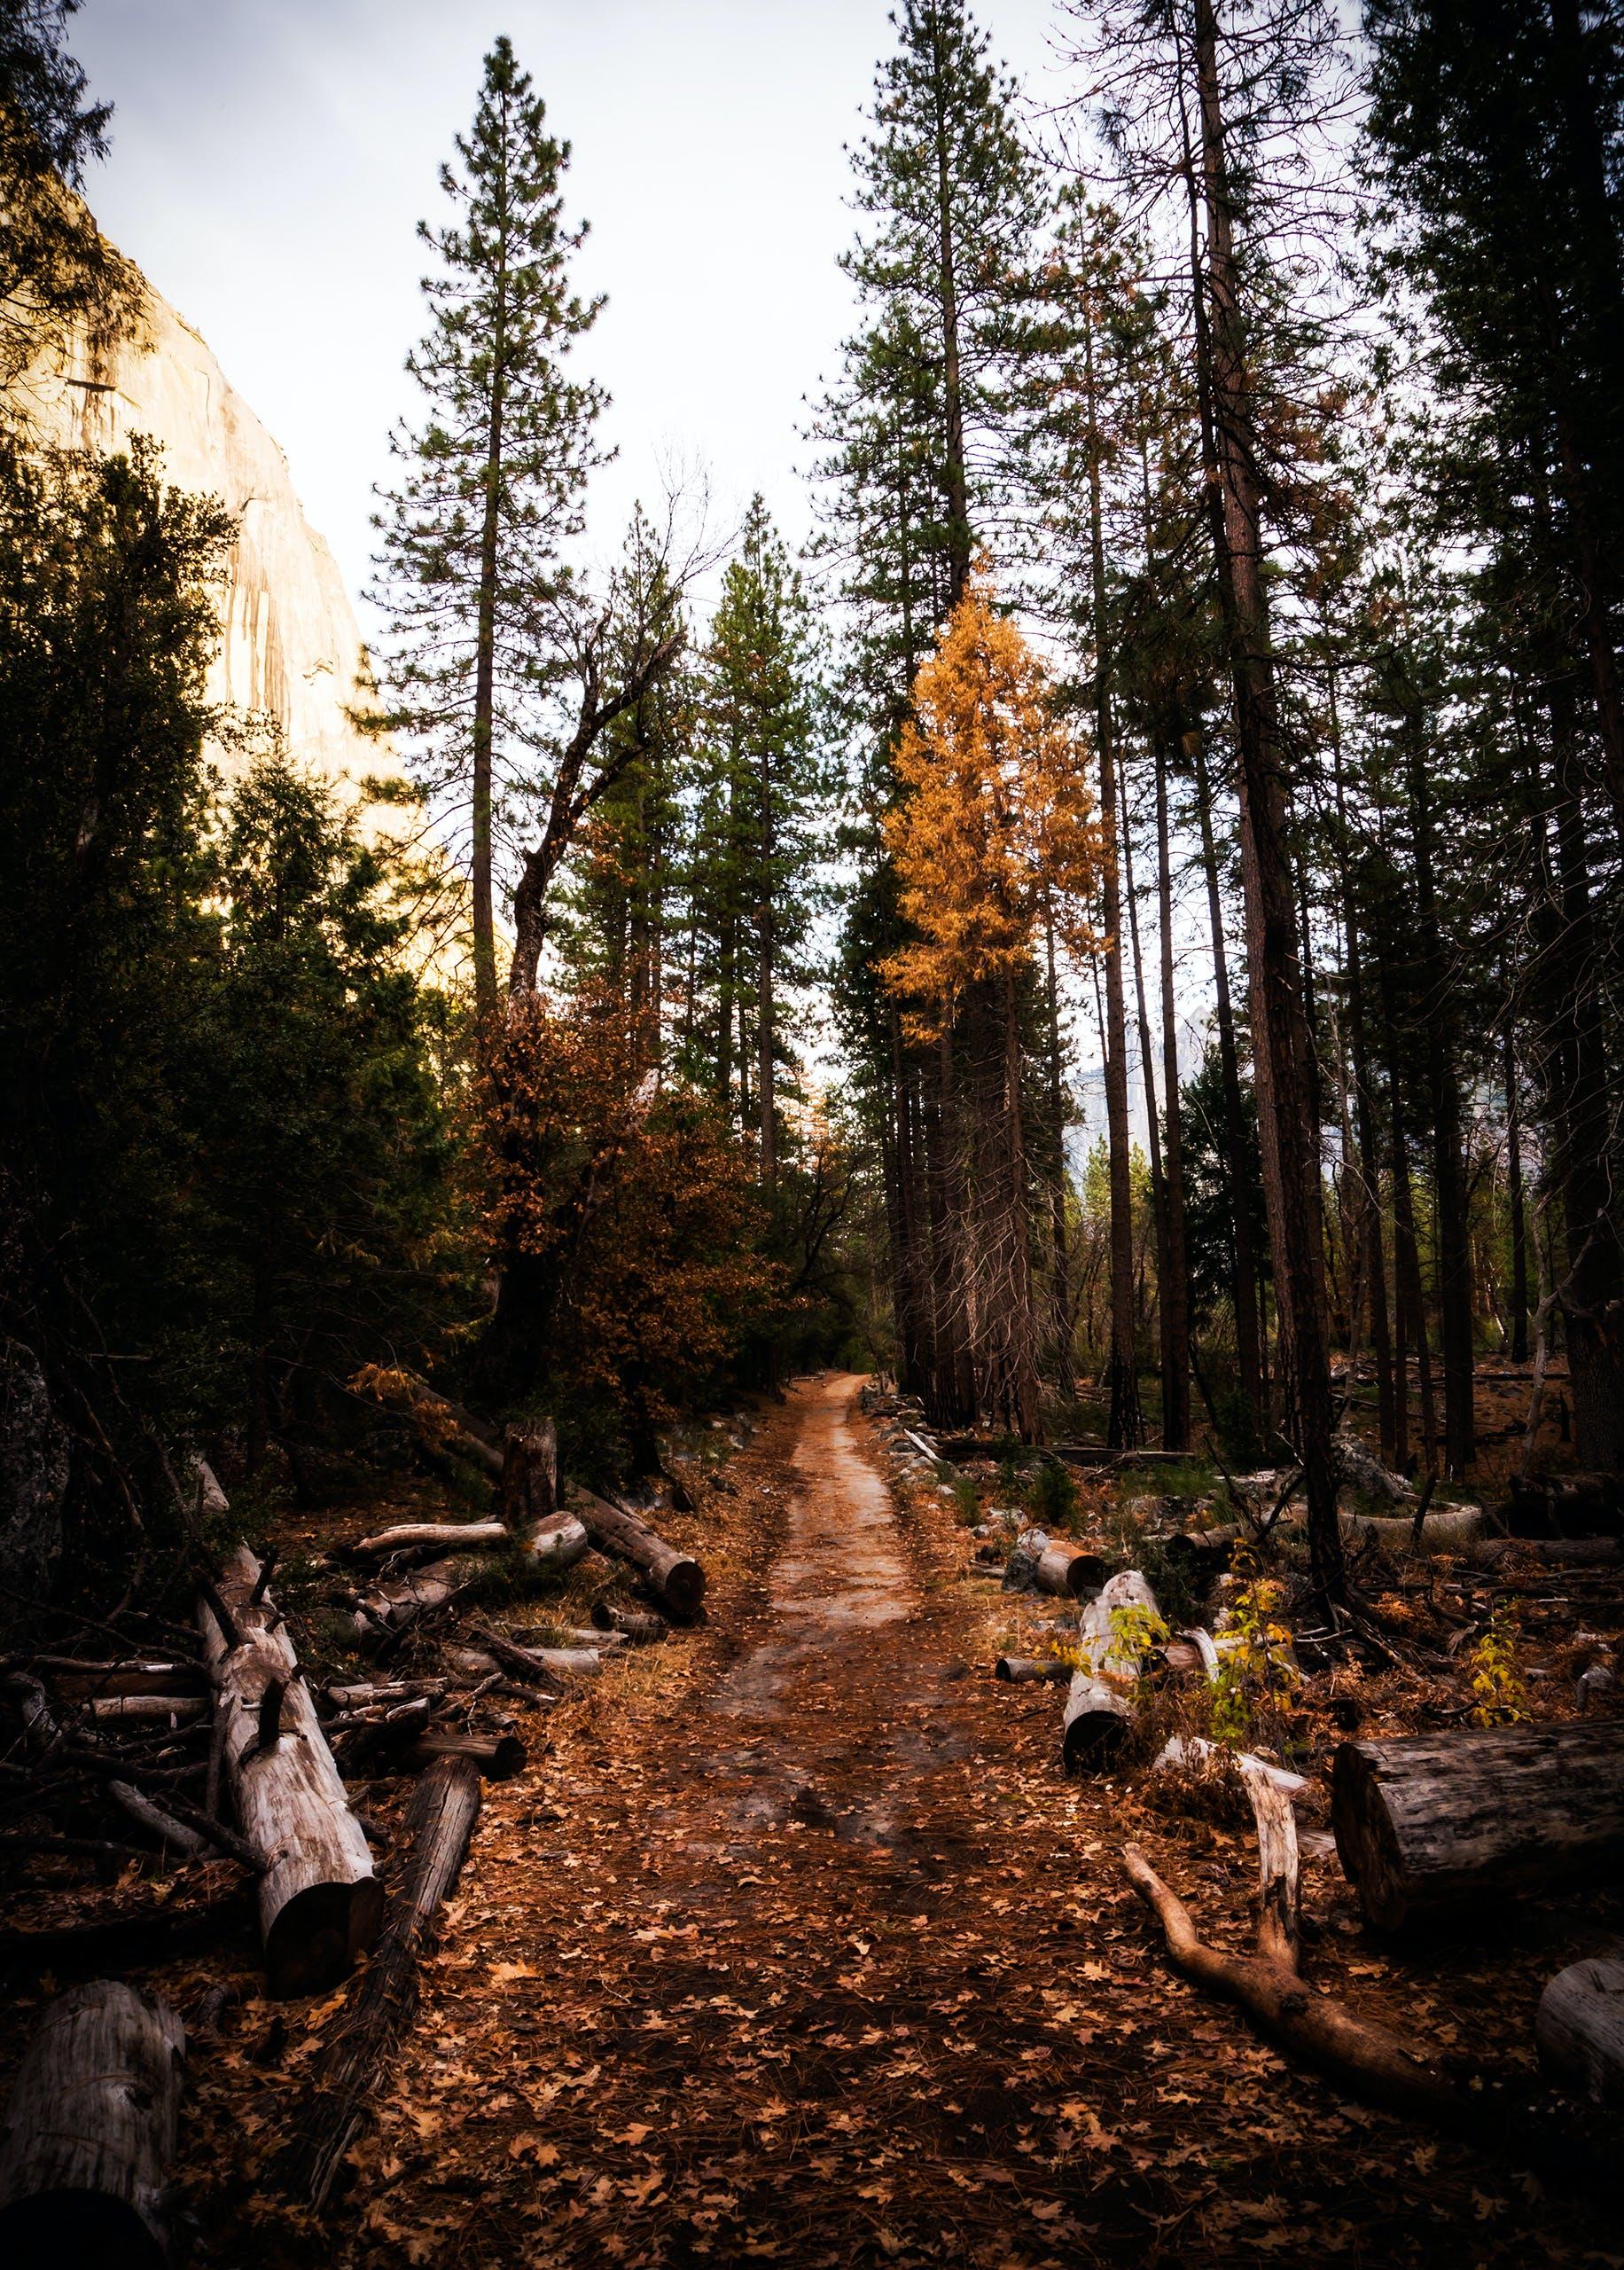 Fotos de stock gratuitas de arboles, árboles caídos, bosque, caminar